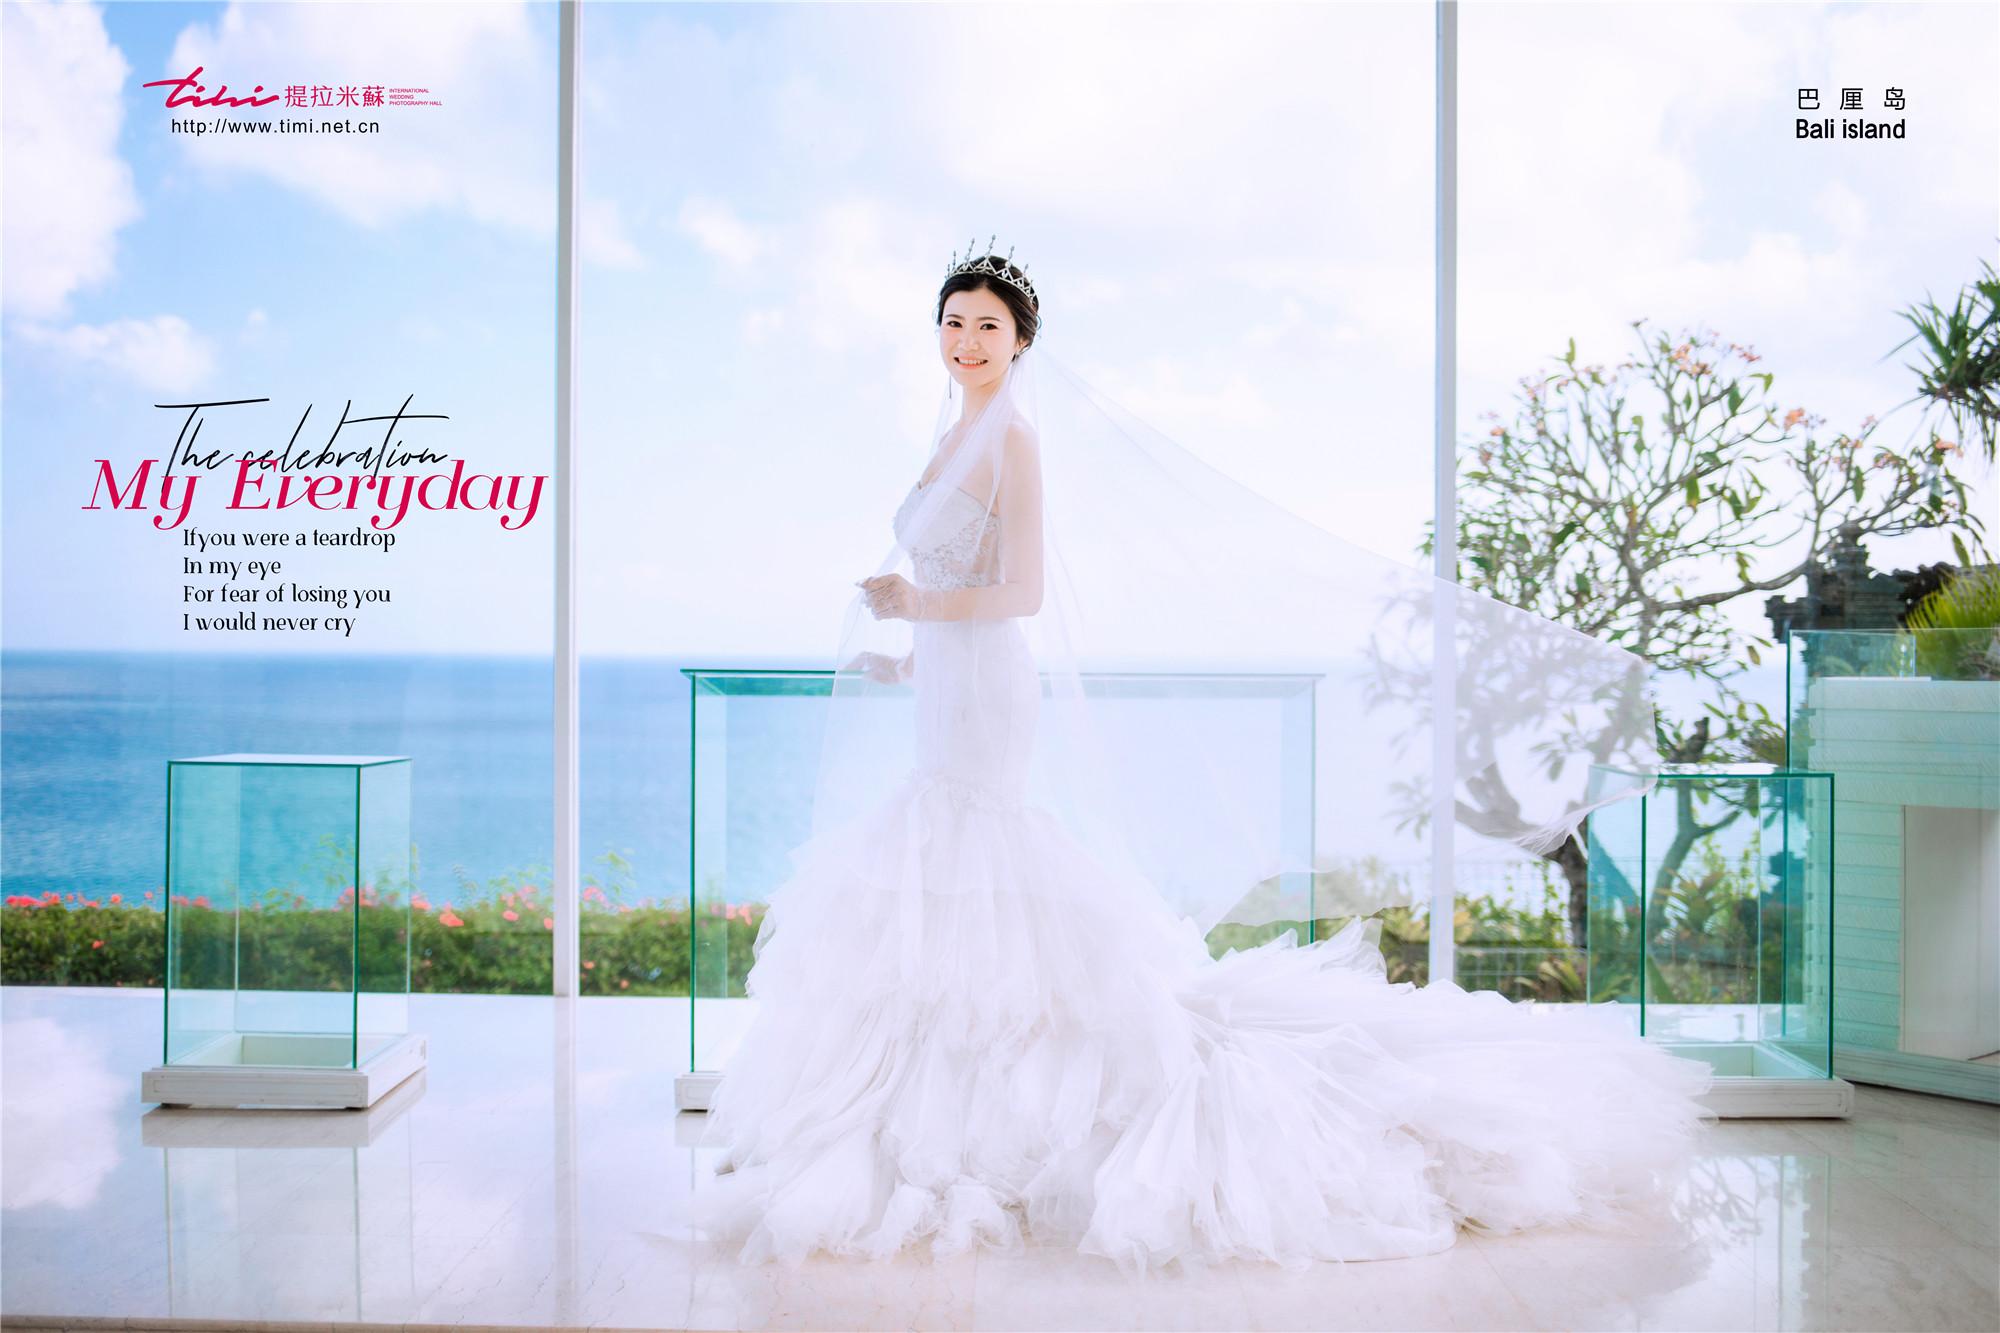 巴厘岛几月份拍婚纱照最适合呢